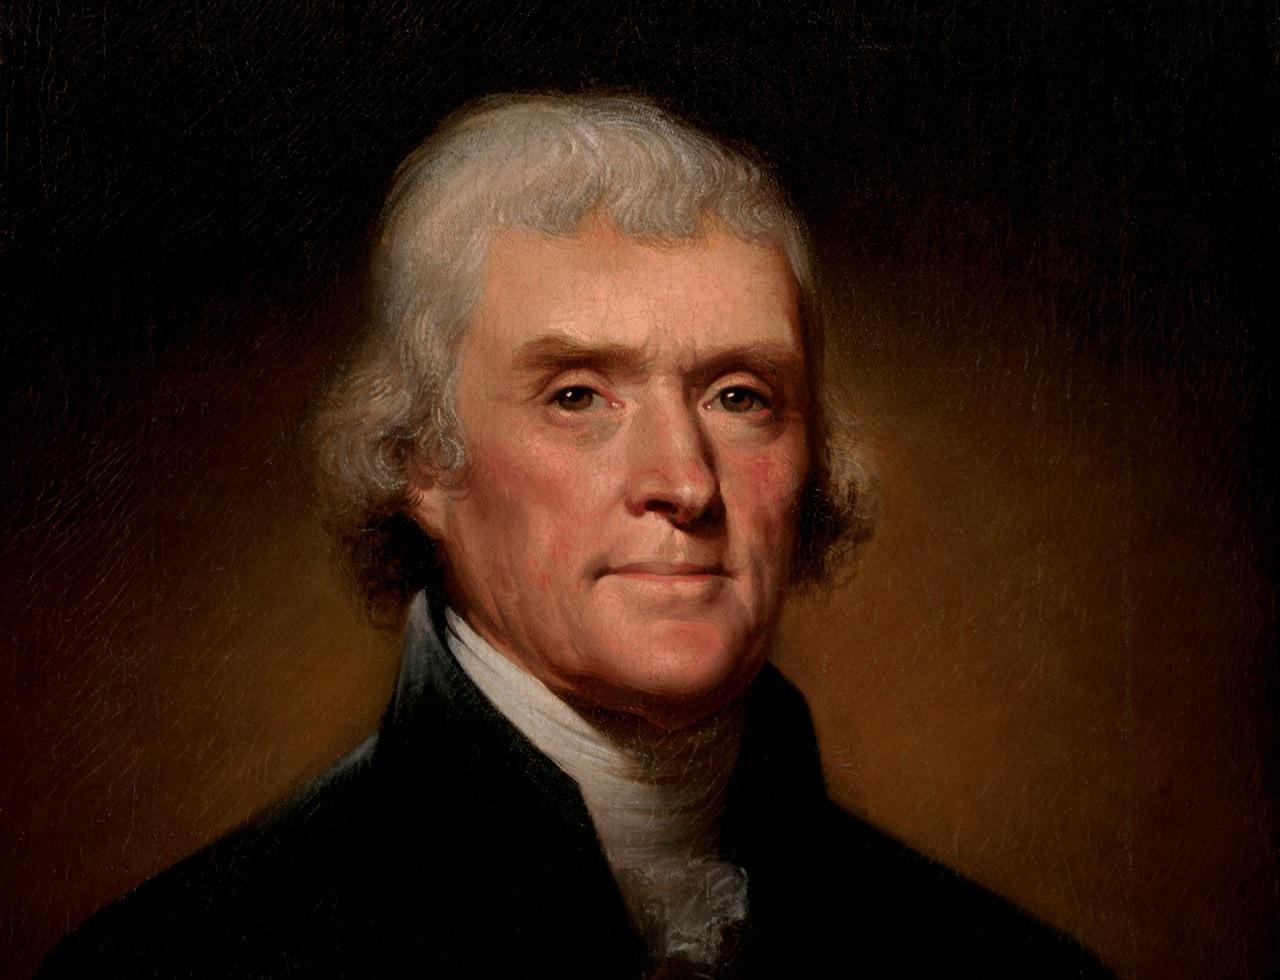 Megtalálták Thomas Jefferson elfelejtett laboratóriumát a Virginiai Egyetemen